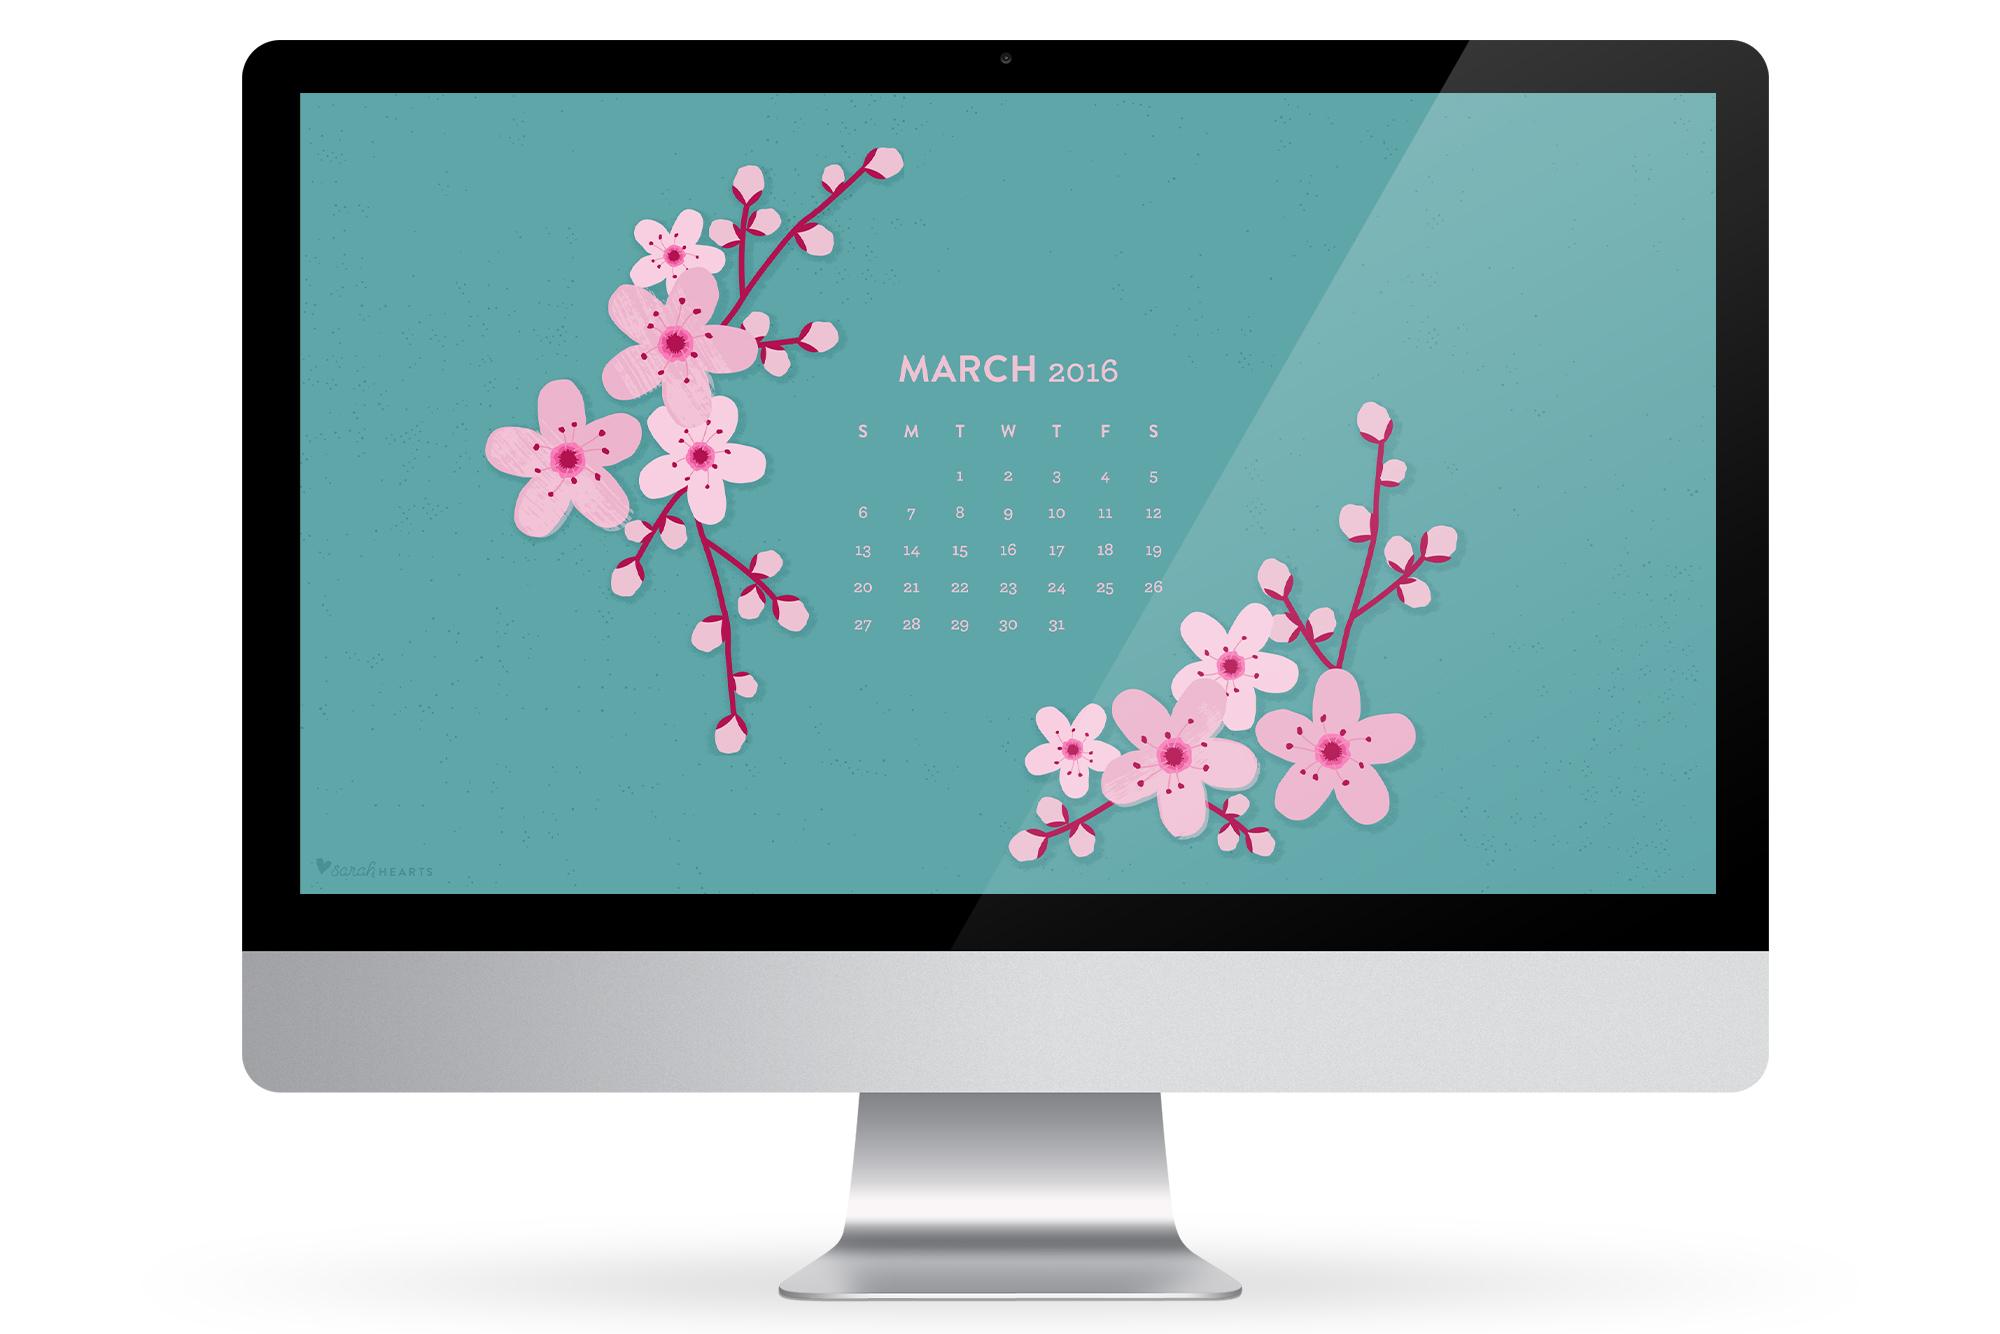 March Calendar Wallpaper Hd : March cherry blossom calendar wallpaper sarah hearts